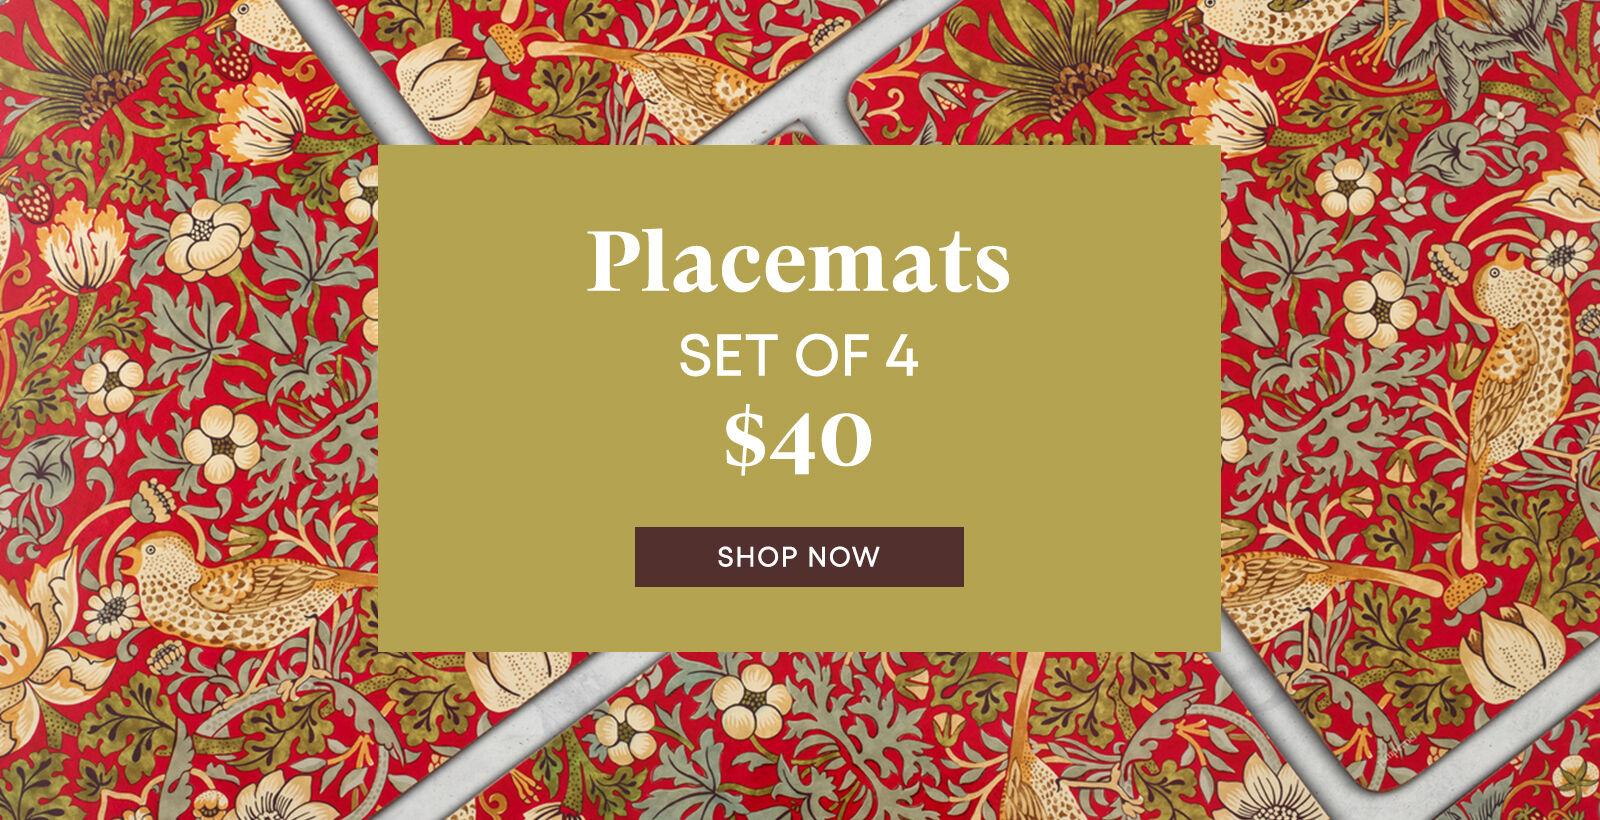 Shop Placemats